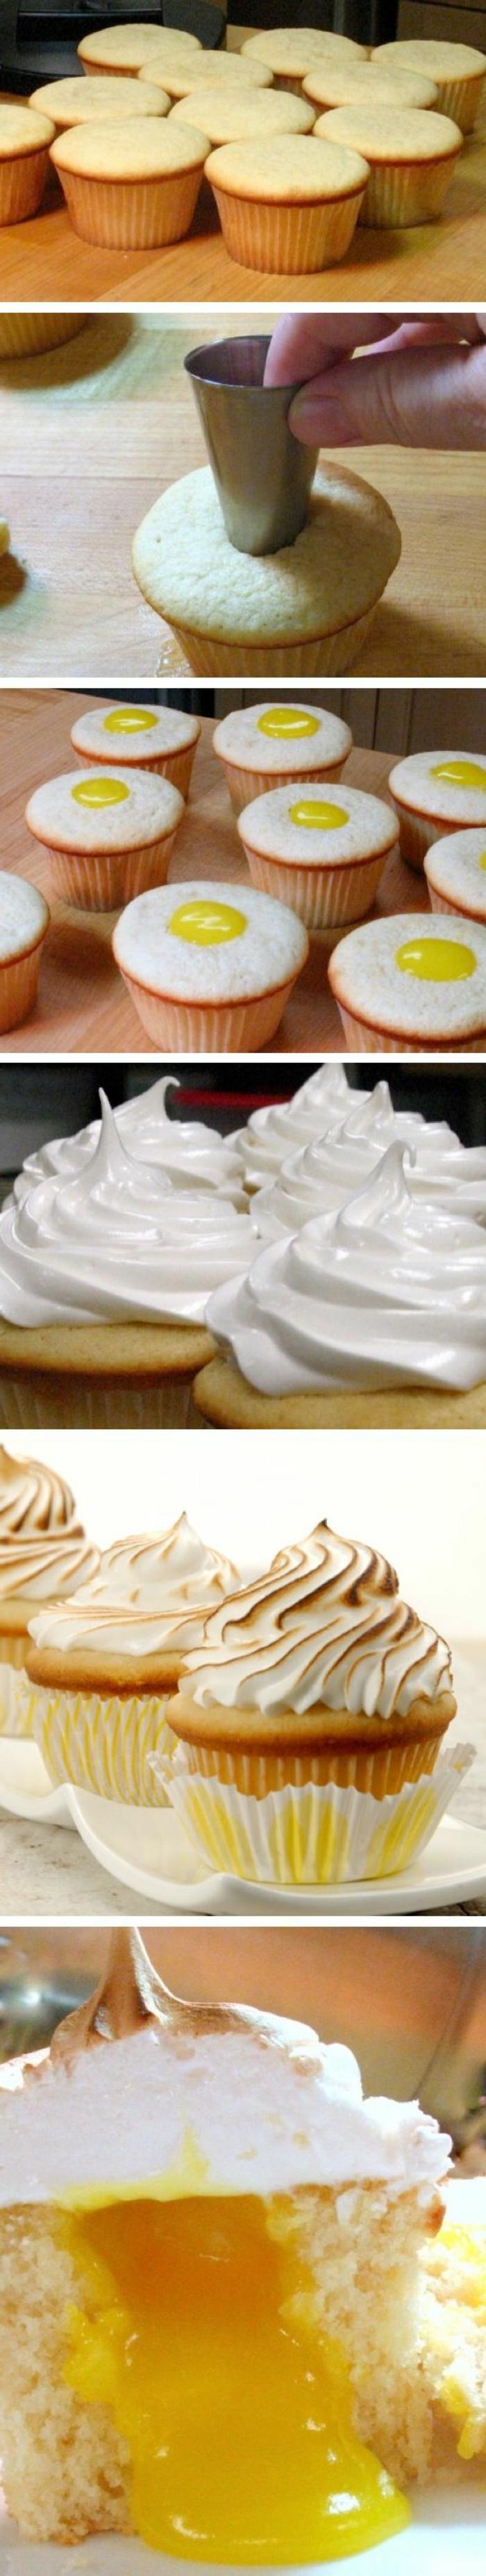 recette cupcake facile à la vanille avec meringue citron, idée comment préparer des cupcakes étape par étape